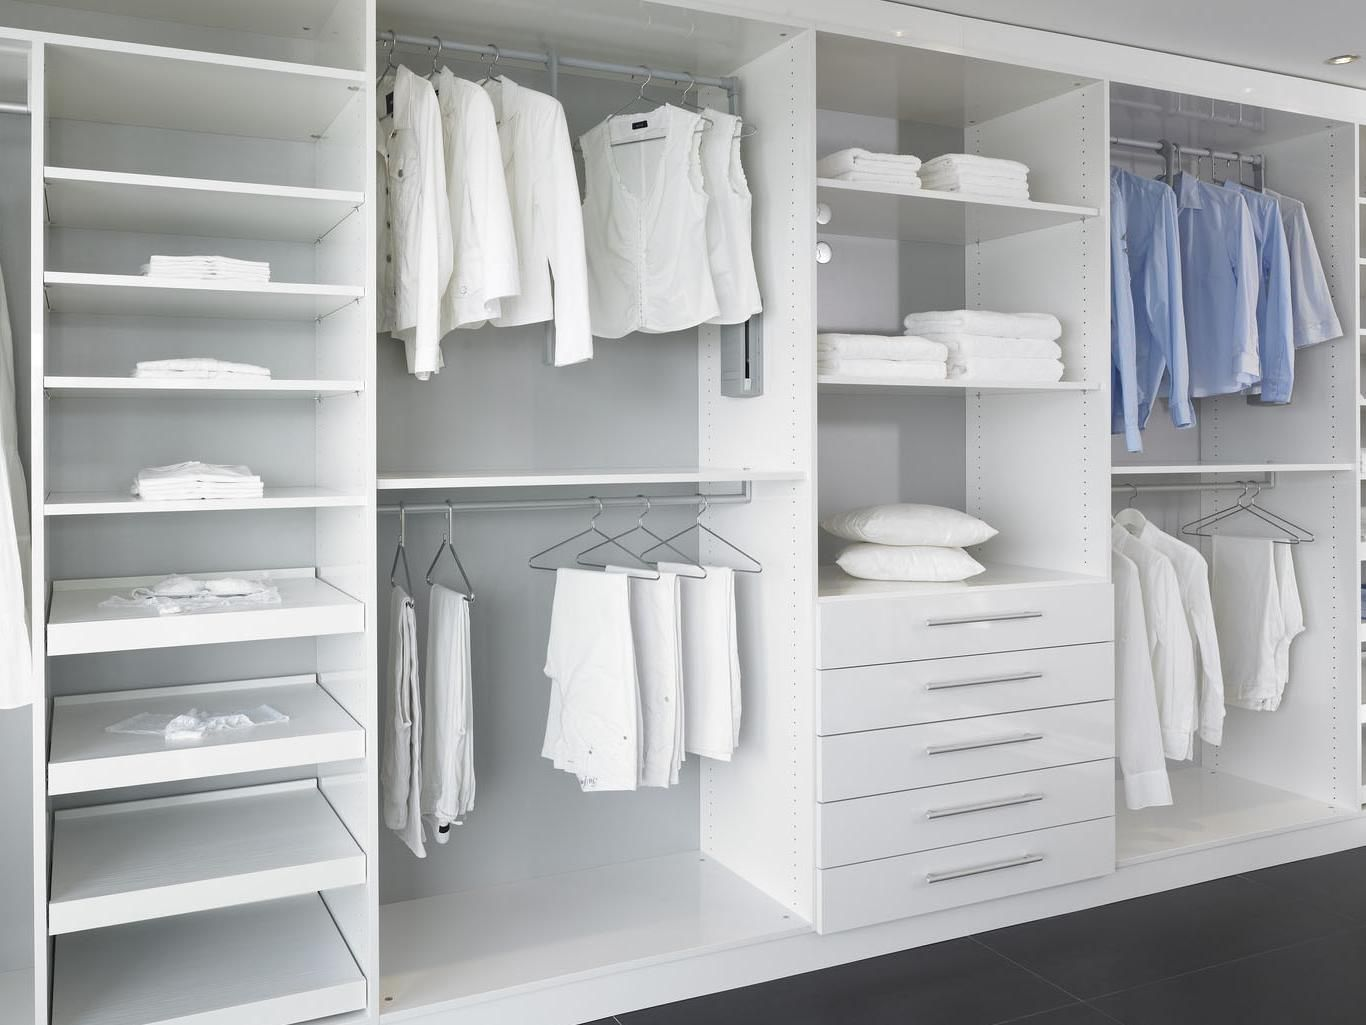 Ankleidezimmer Ikea ~ 7 tipps und praktische ideen für ein stilvolles ankleidezimmer